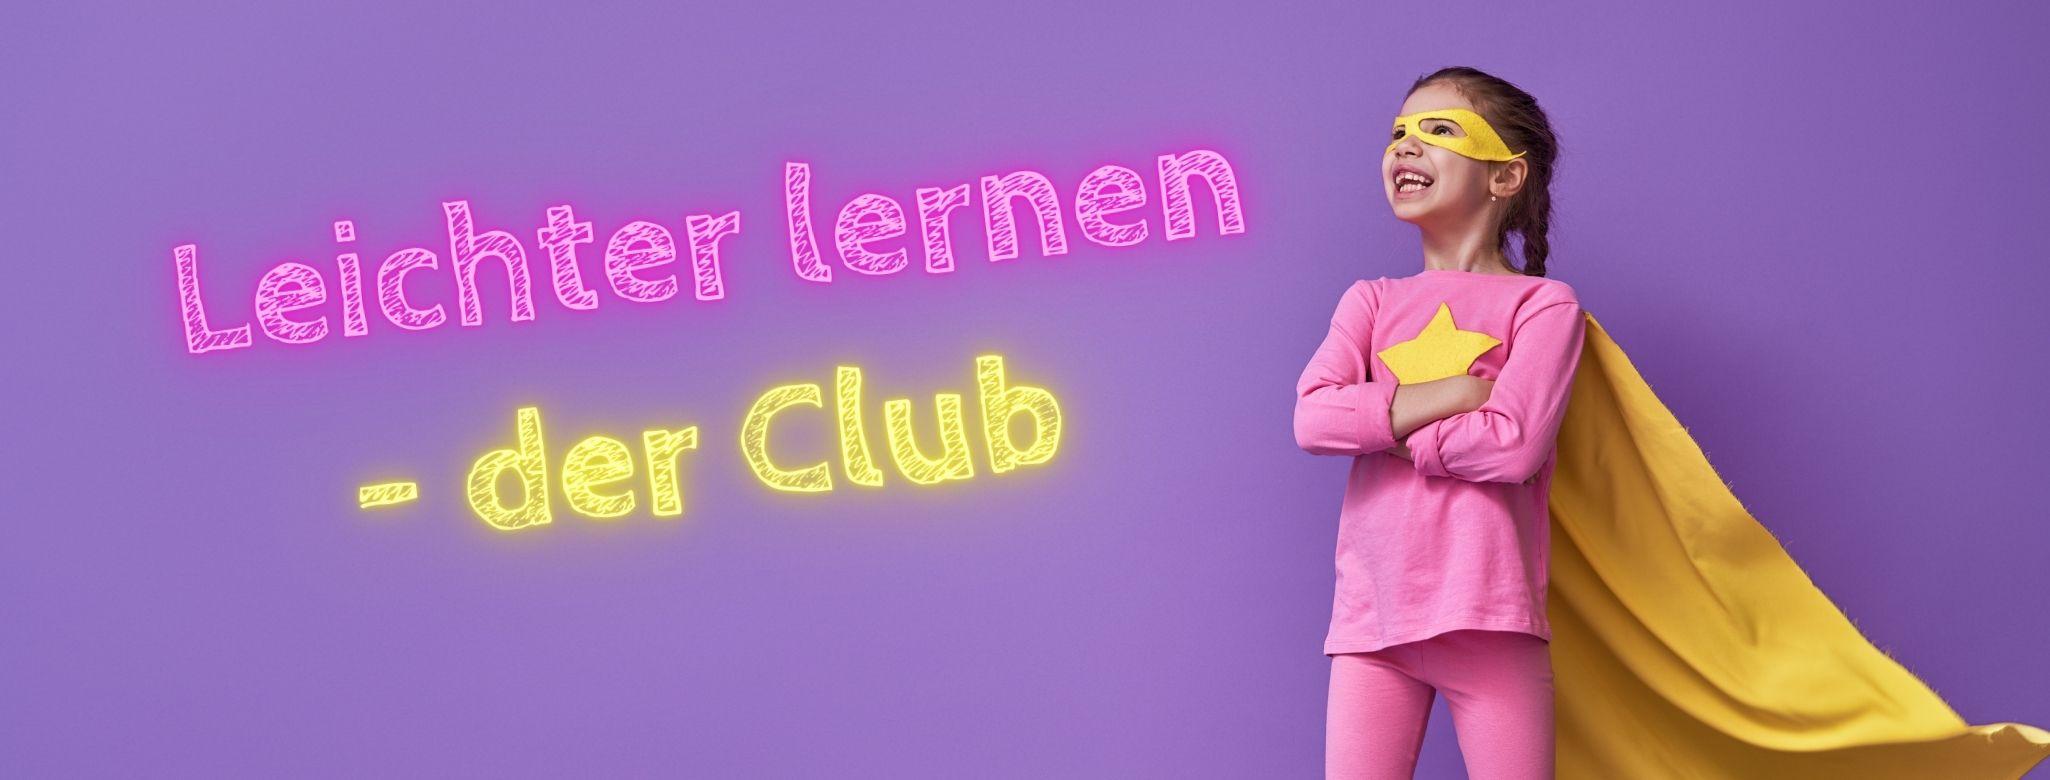 Leichter lernen Club